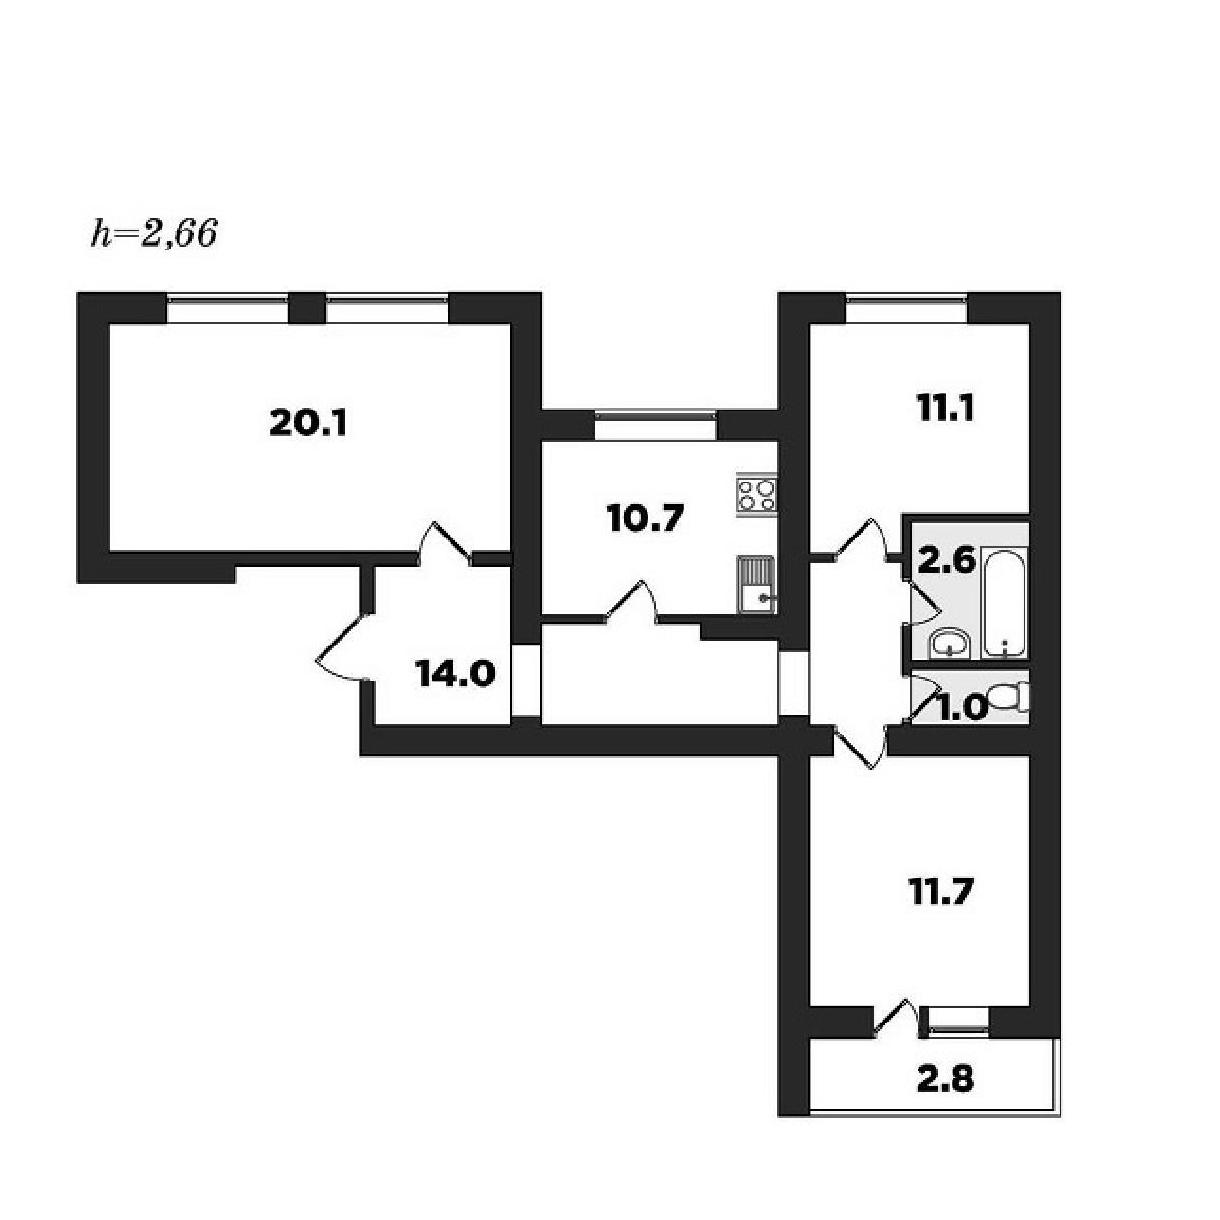 Топ-10 неудачных планировок квартир в новостройках - фото 5